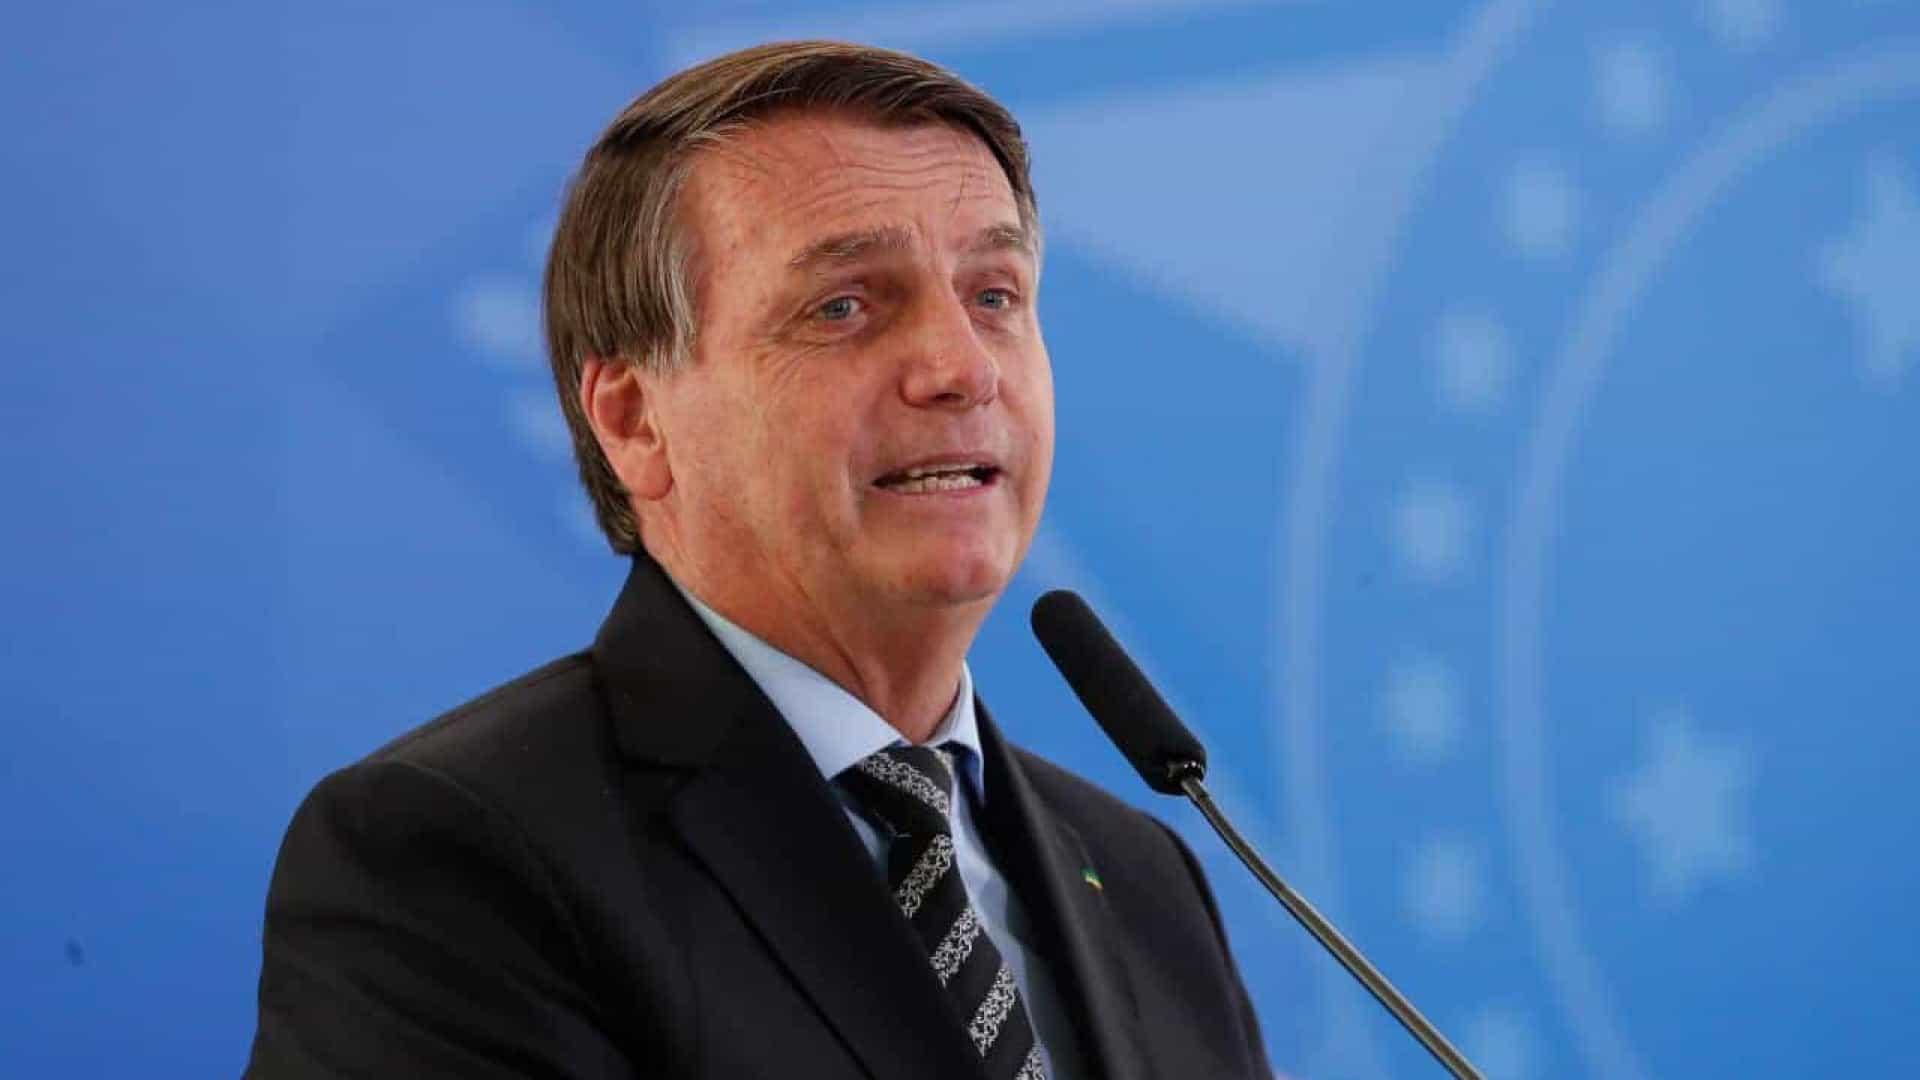 naom 5fc7fe85bab44 - Bolsonaro mantém aprovação e reprovação em pesquisa XP/Ipespe